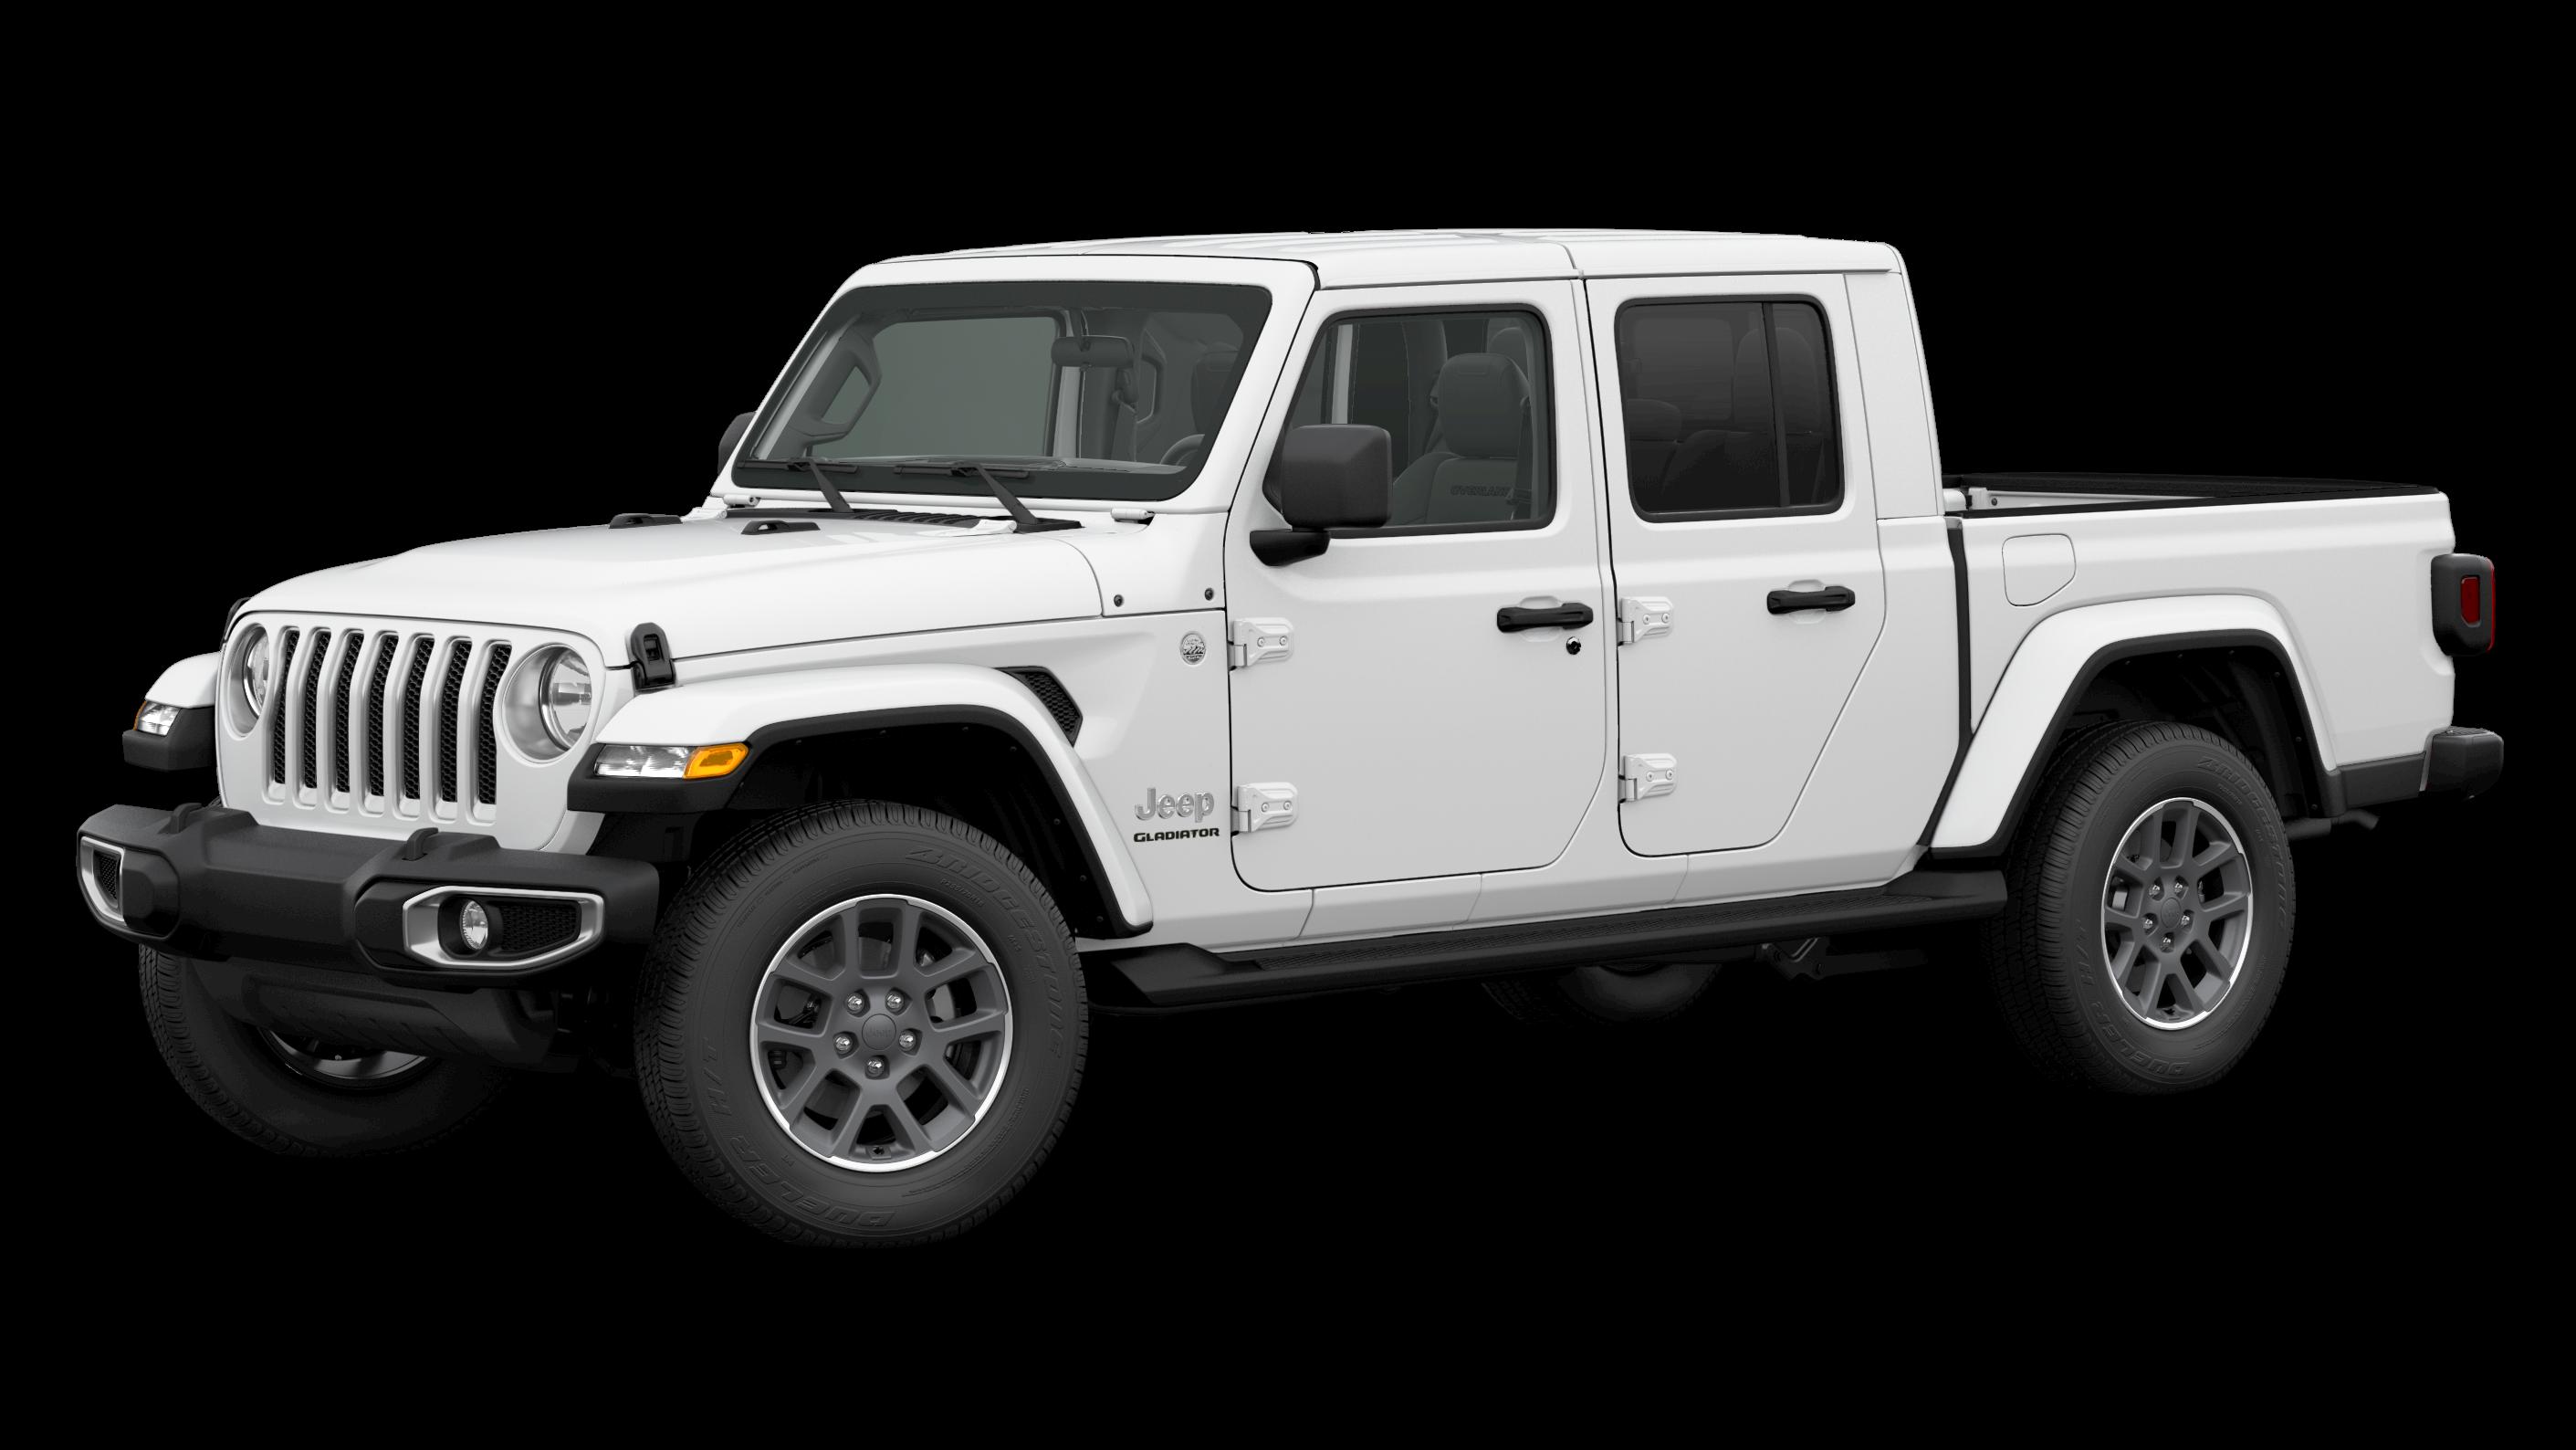 New 2020 Jeep Gladiator For Sale In Atlanta Ga Jeep Dealer Near